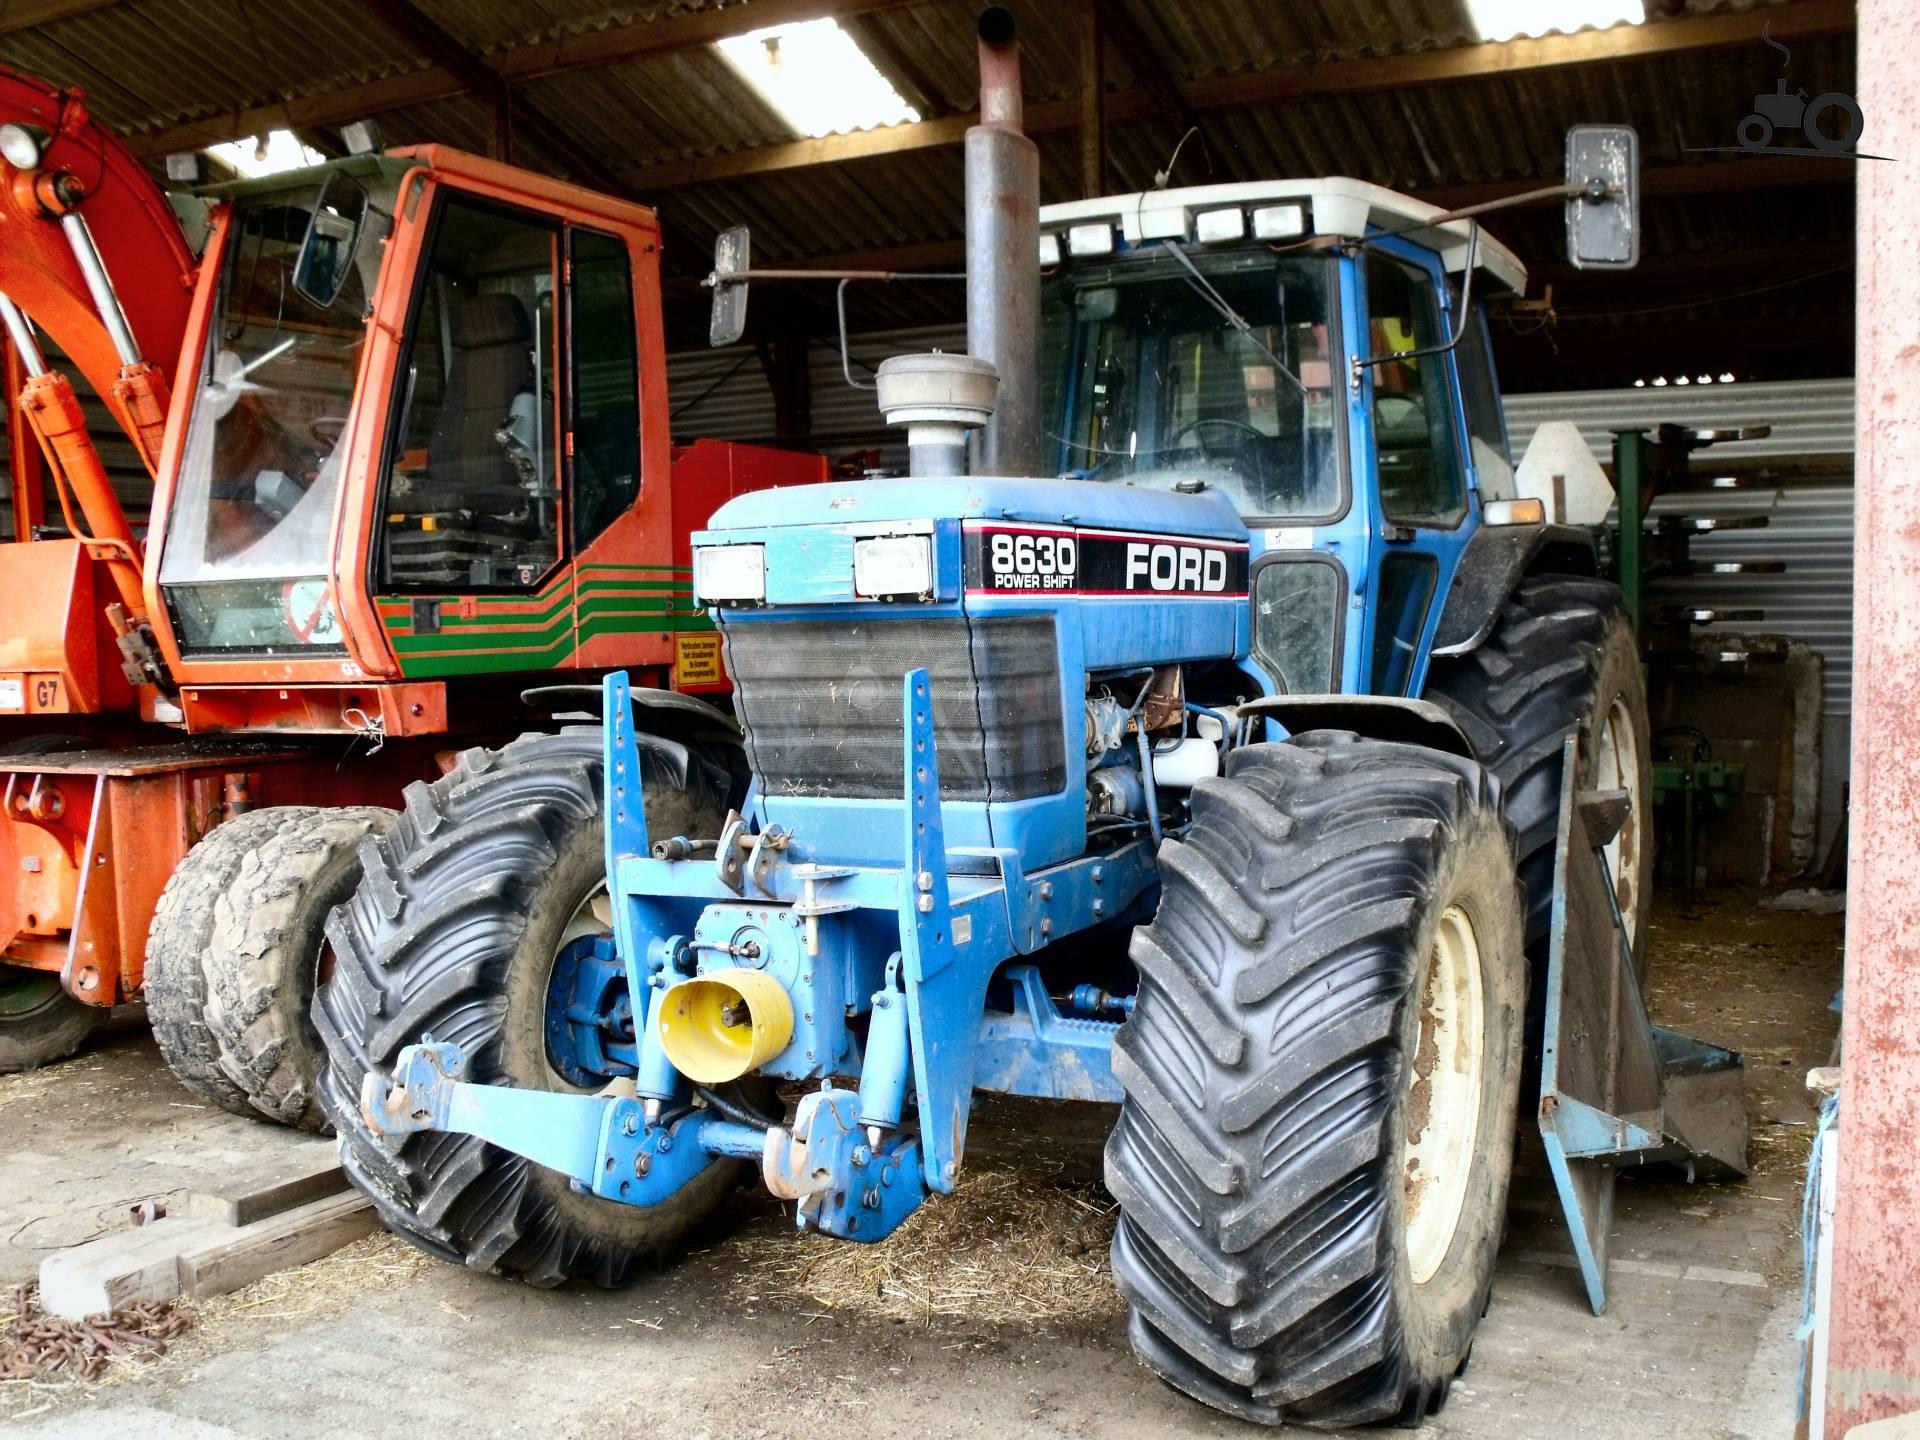 Трактор Ford 8630, 1990 года, 6000 часов, из Дании продан ...